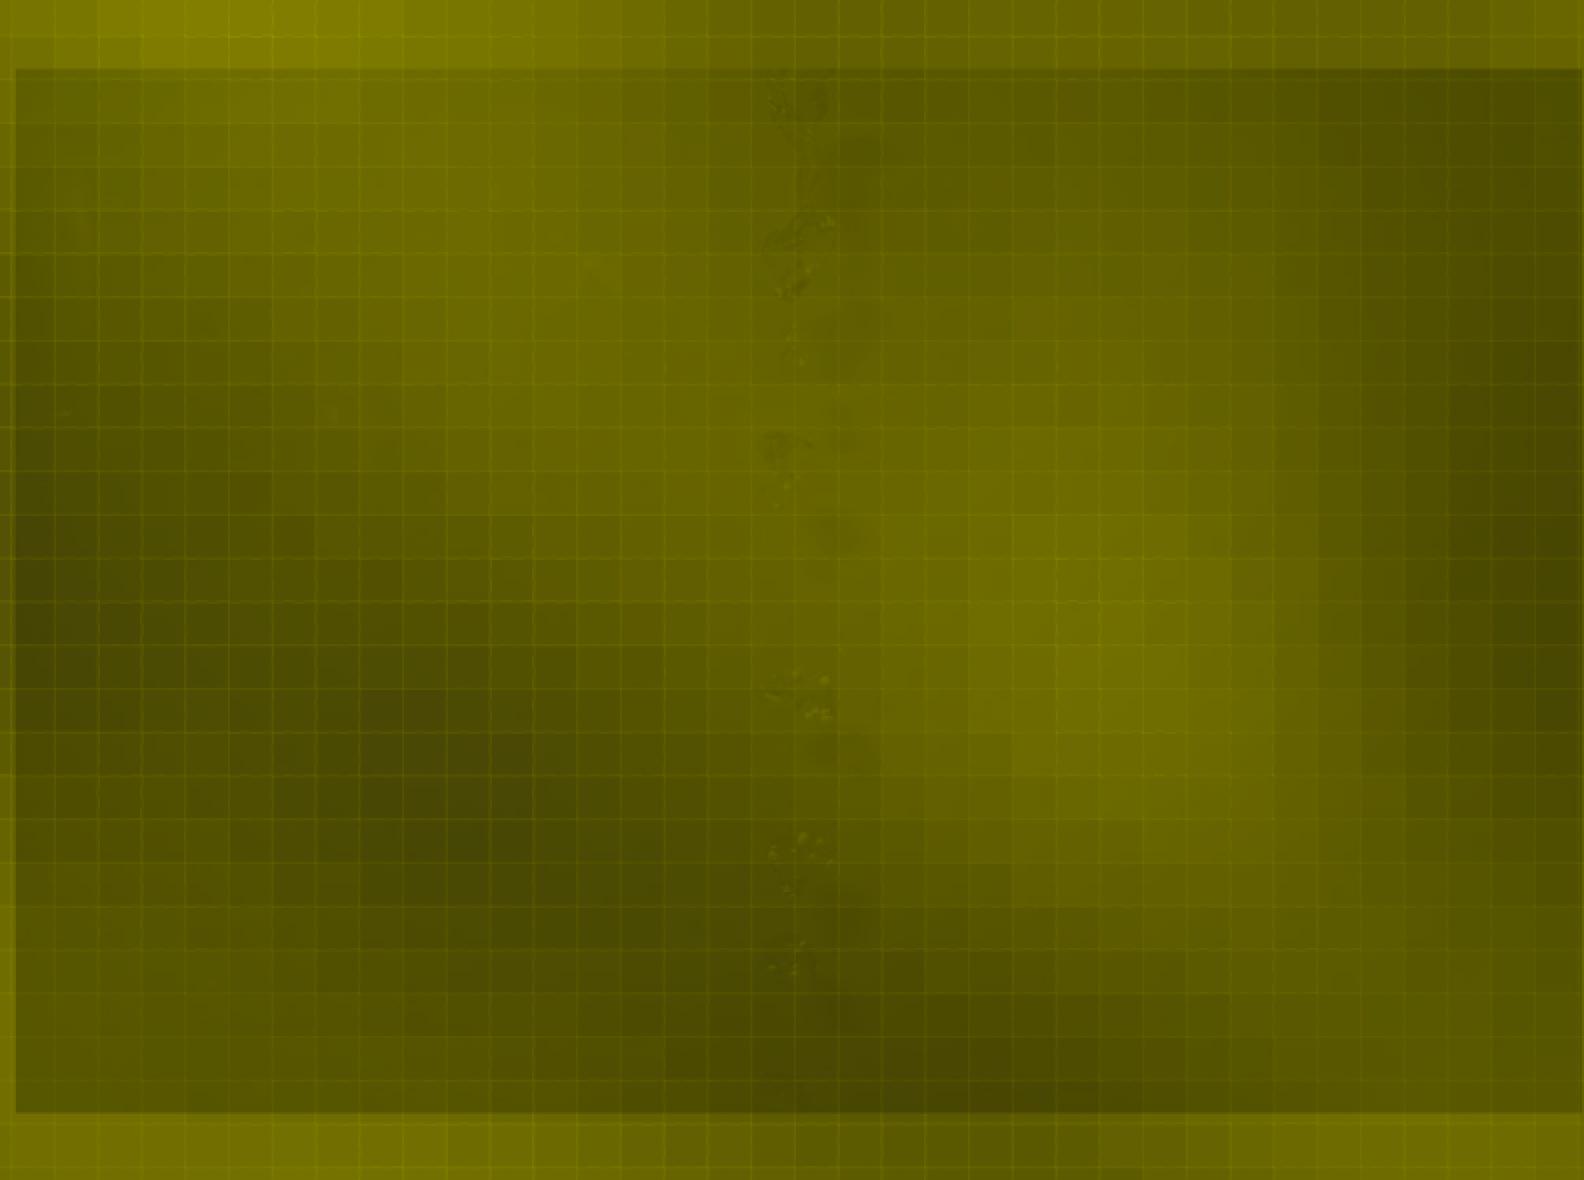 スクリーンショット 2015-01-23 0.35.57